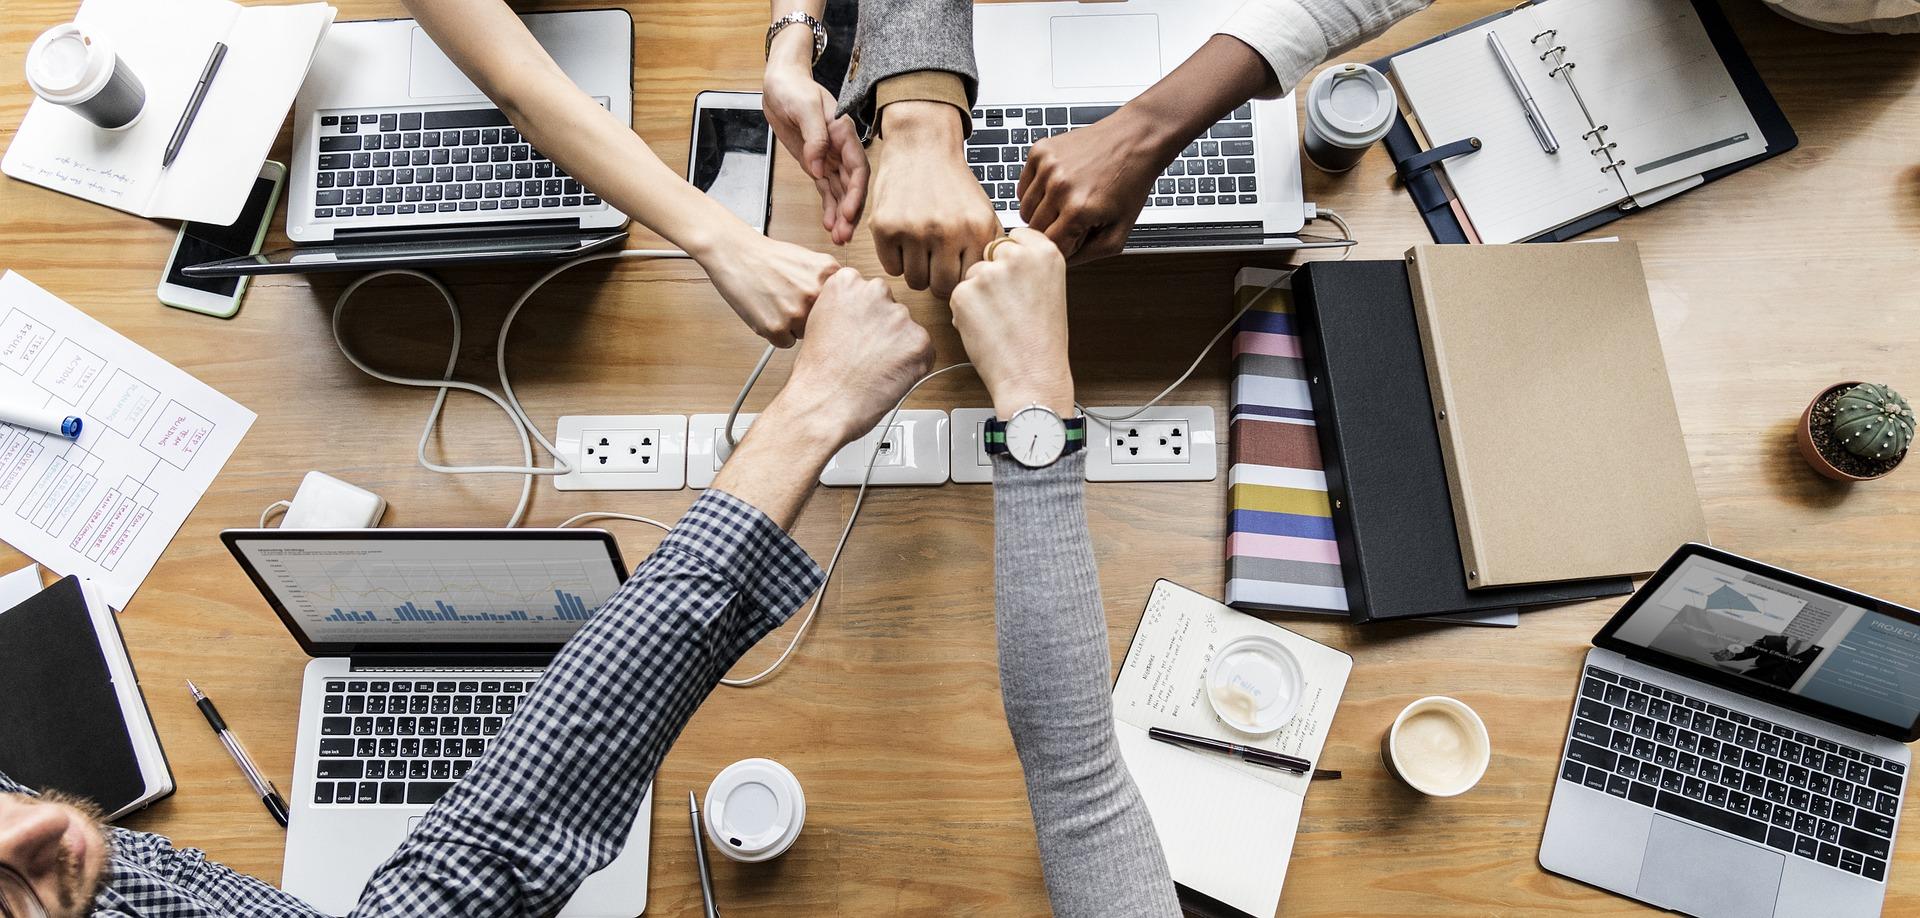 従業員にやる気を出してもらう主な方法